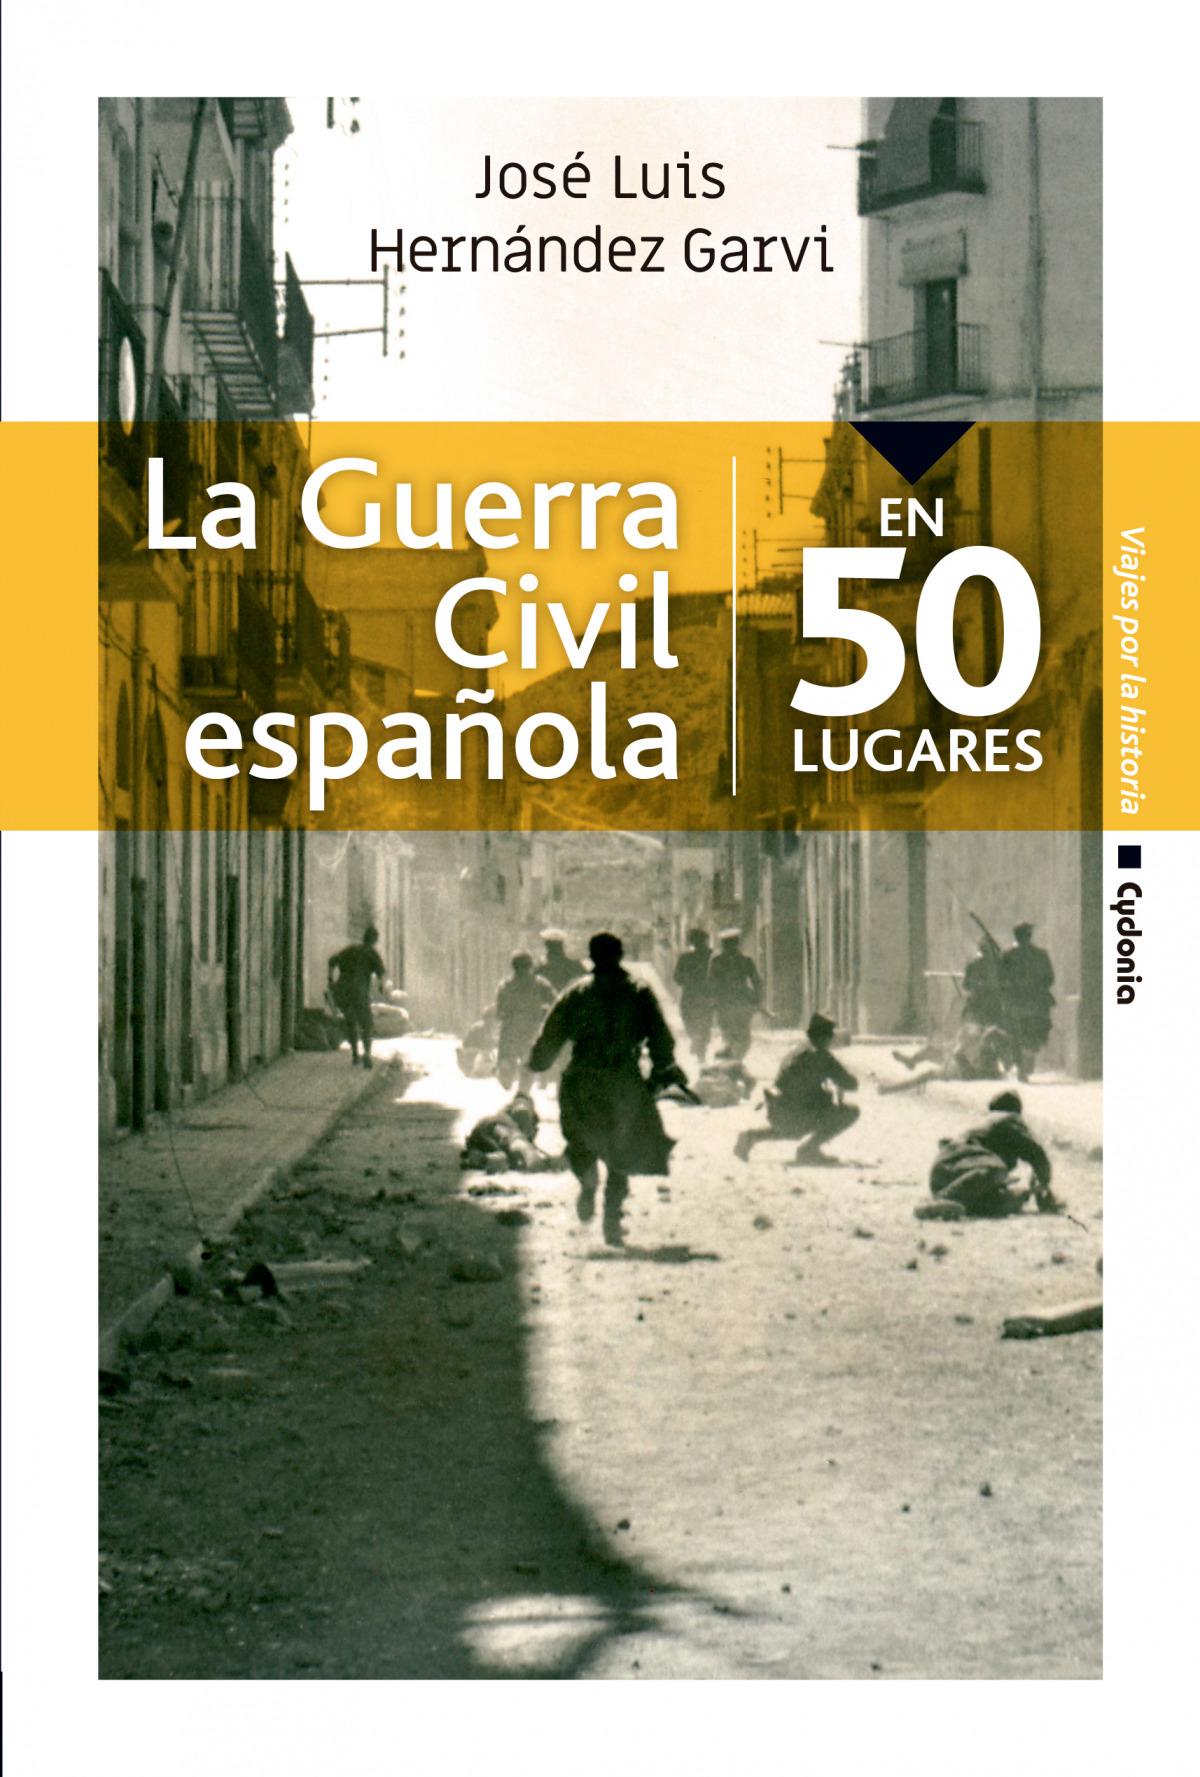 La guerra civil española en 50 lugares 9788494832192